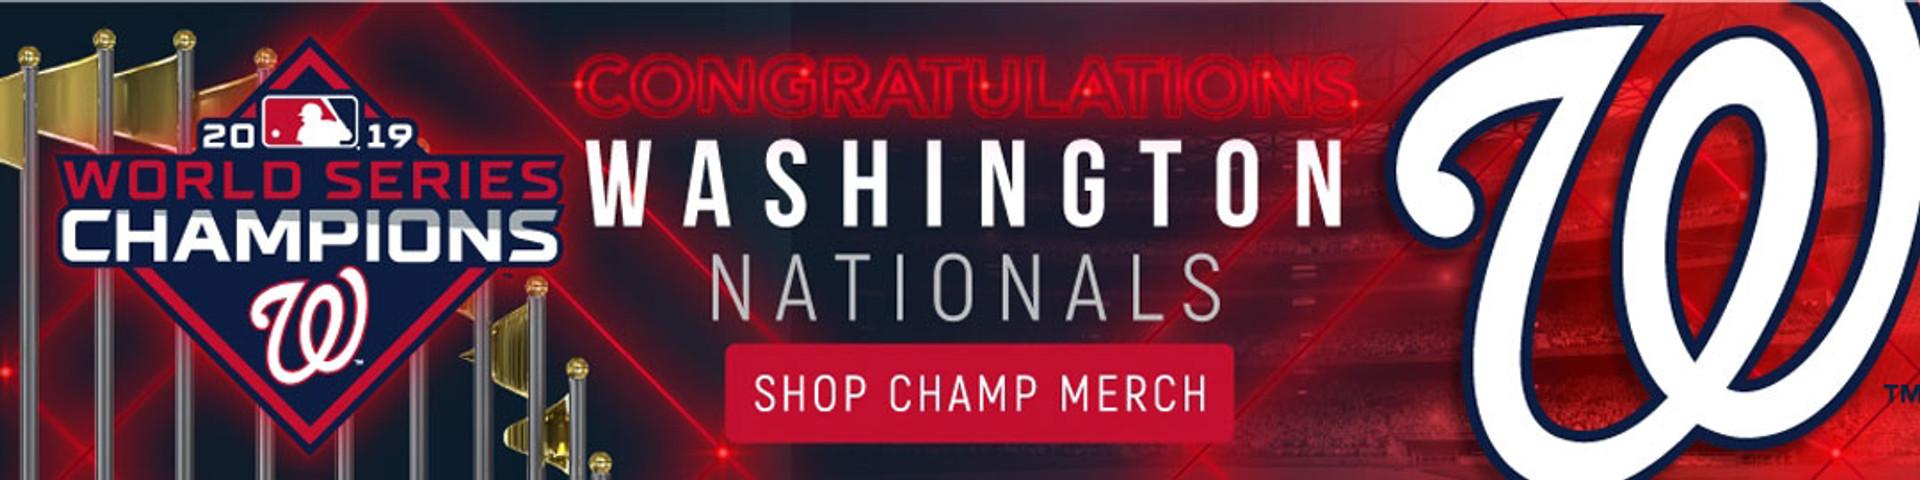 Washington Nationals World Series Champs Pins